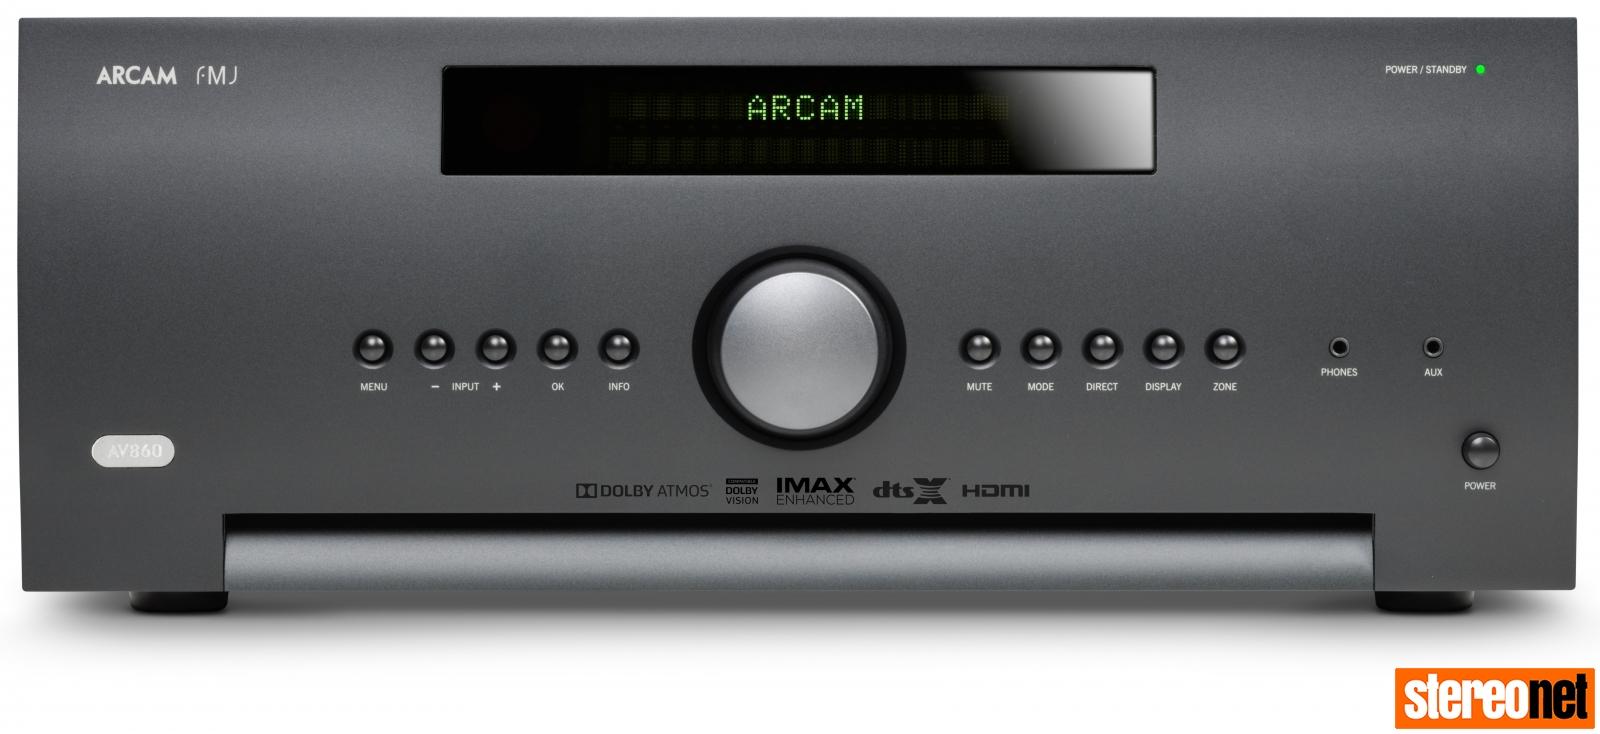 Arcam AV860 IMAX Enhanced